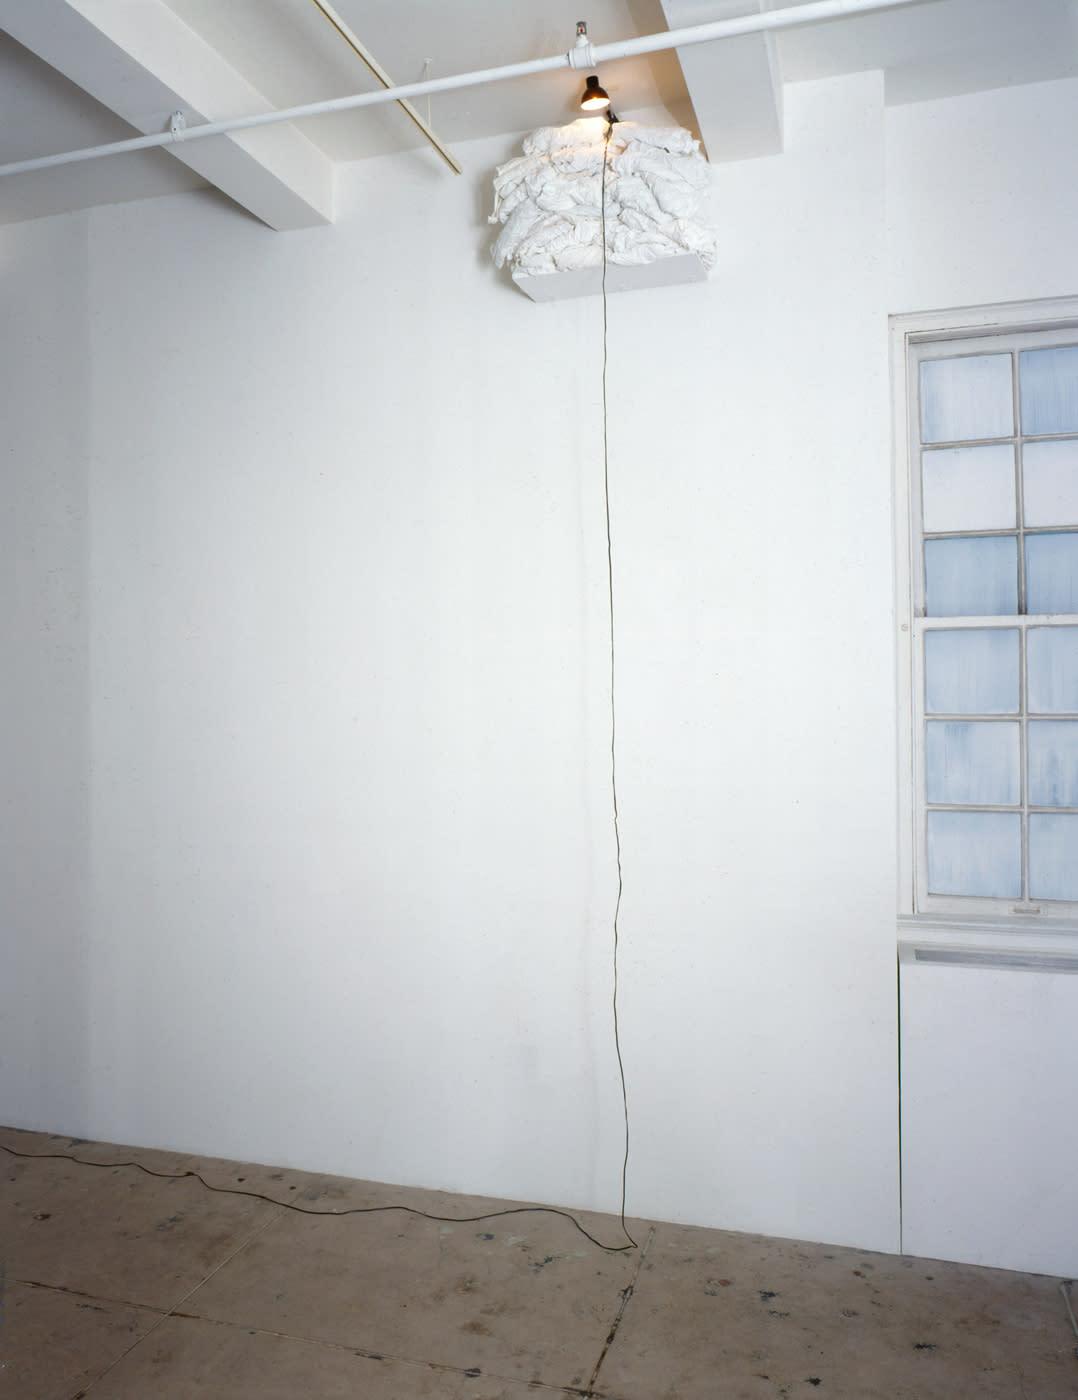 Christian Boltanski, Linen Closet Dead Swiss, 1990